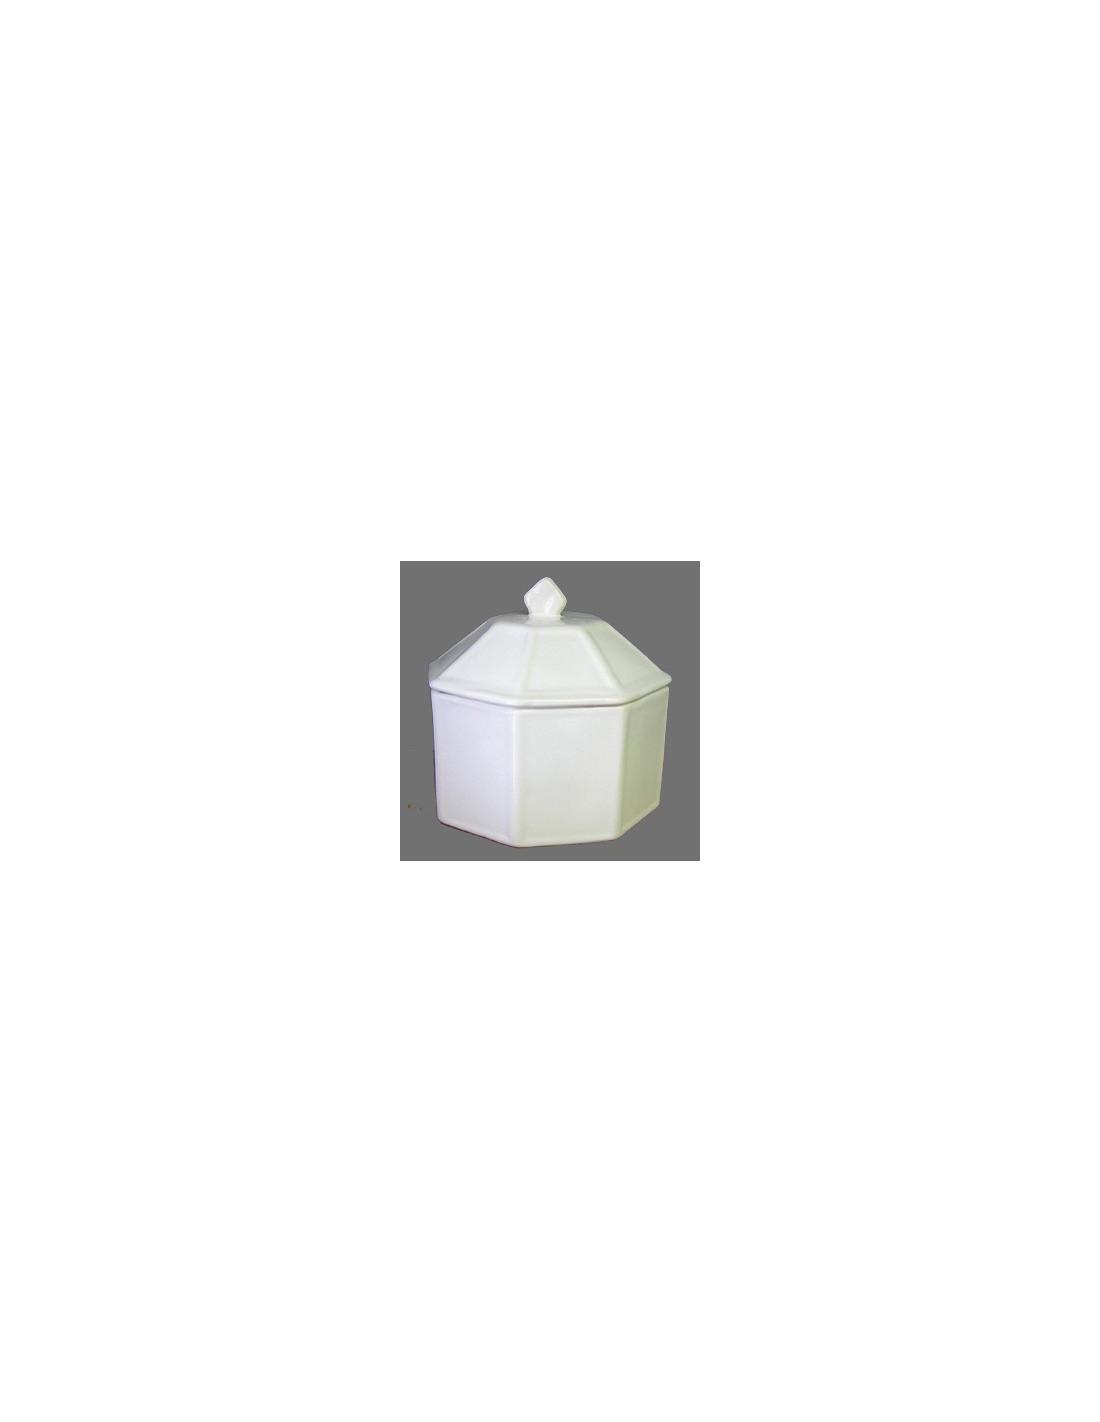 Sucrier En Porcelaine Blanche 10.5x9.5cm en Boîte Cadeau Bonbonnière 0U46